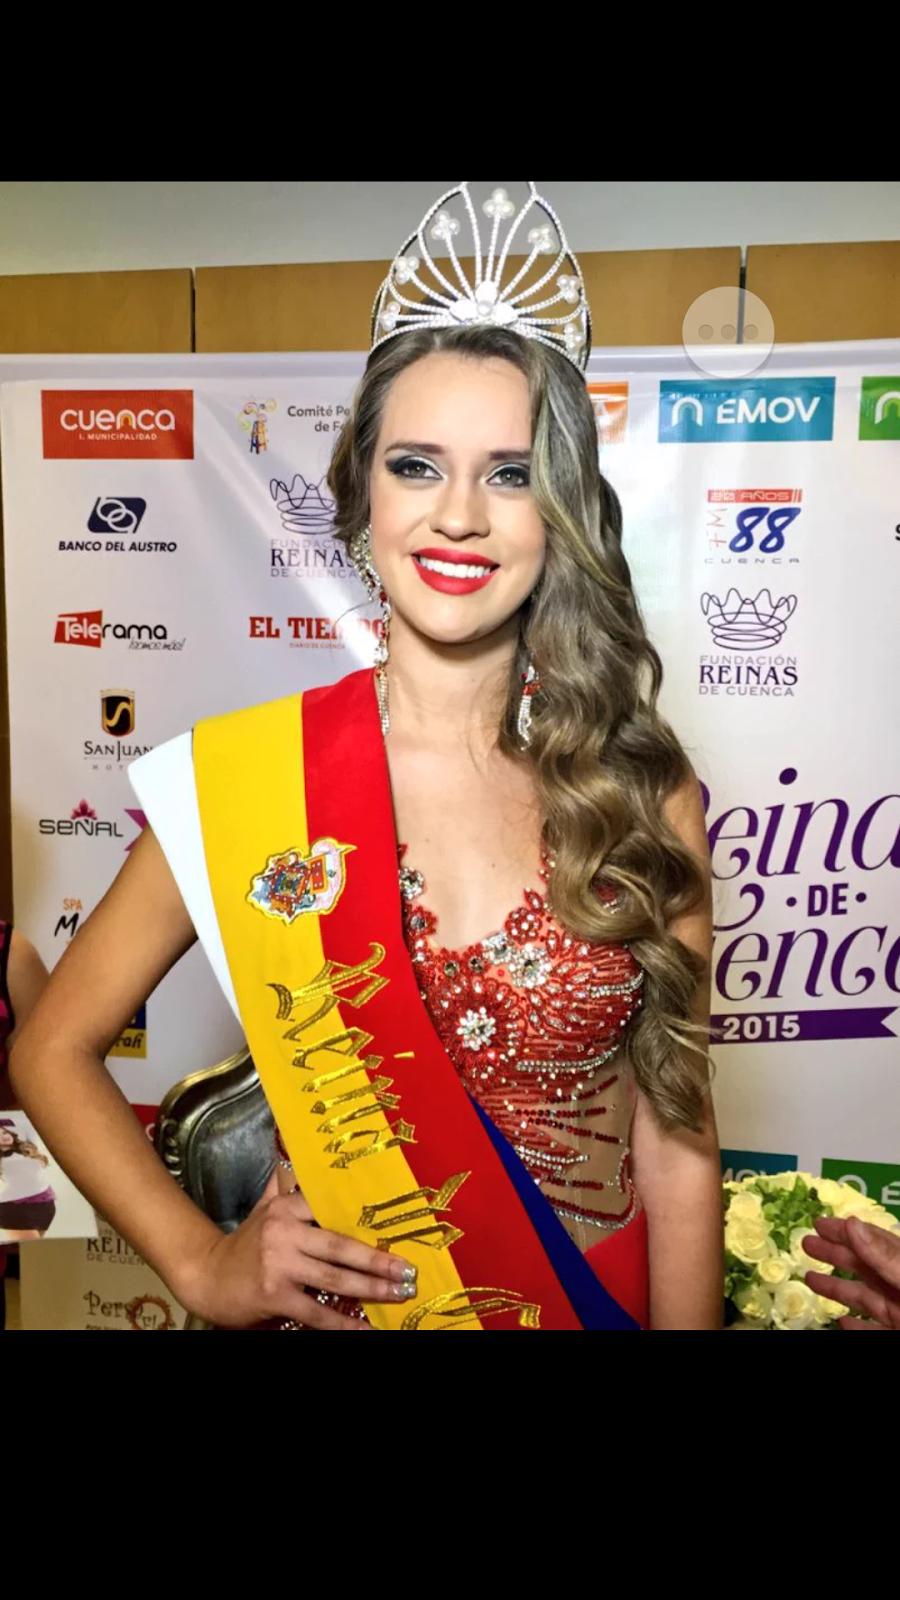 nueva reina de cuenca 2015